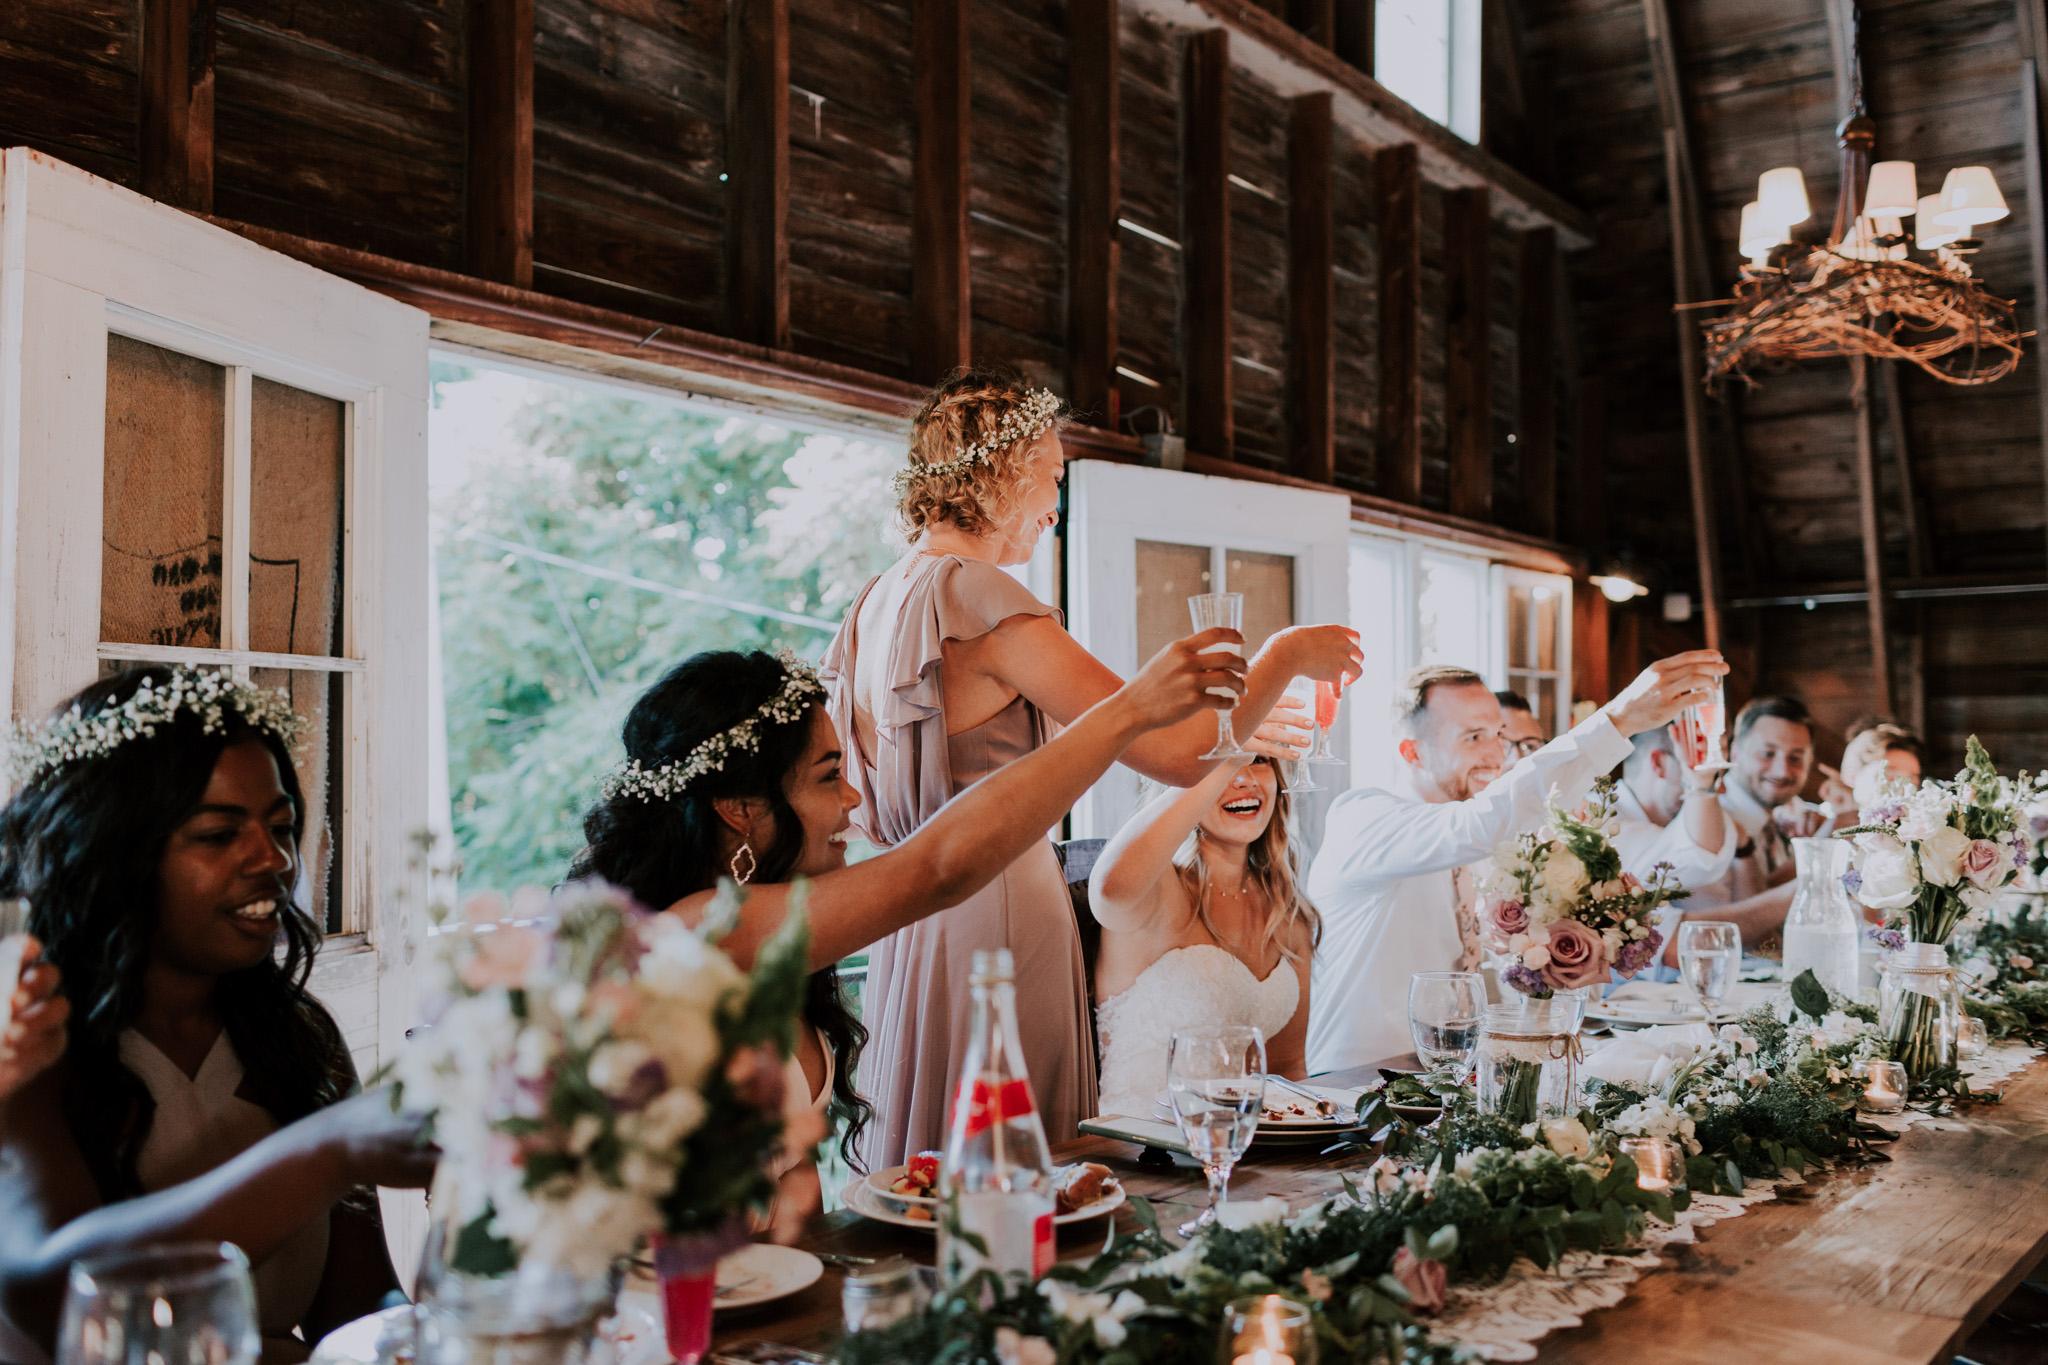 Blue-Dress-Barn-Michigan-Wedding-April-Seth-Vafa-Photo737.jpg